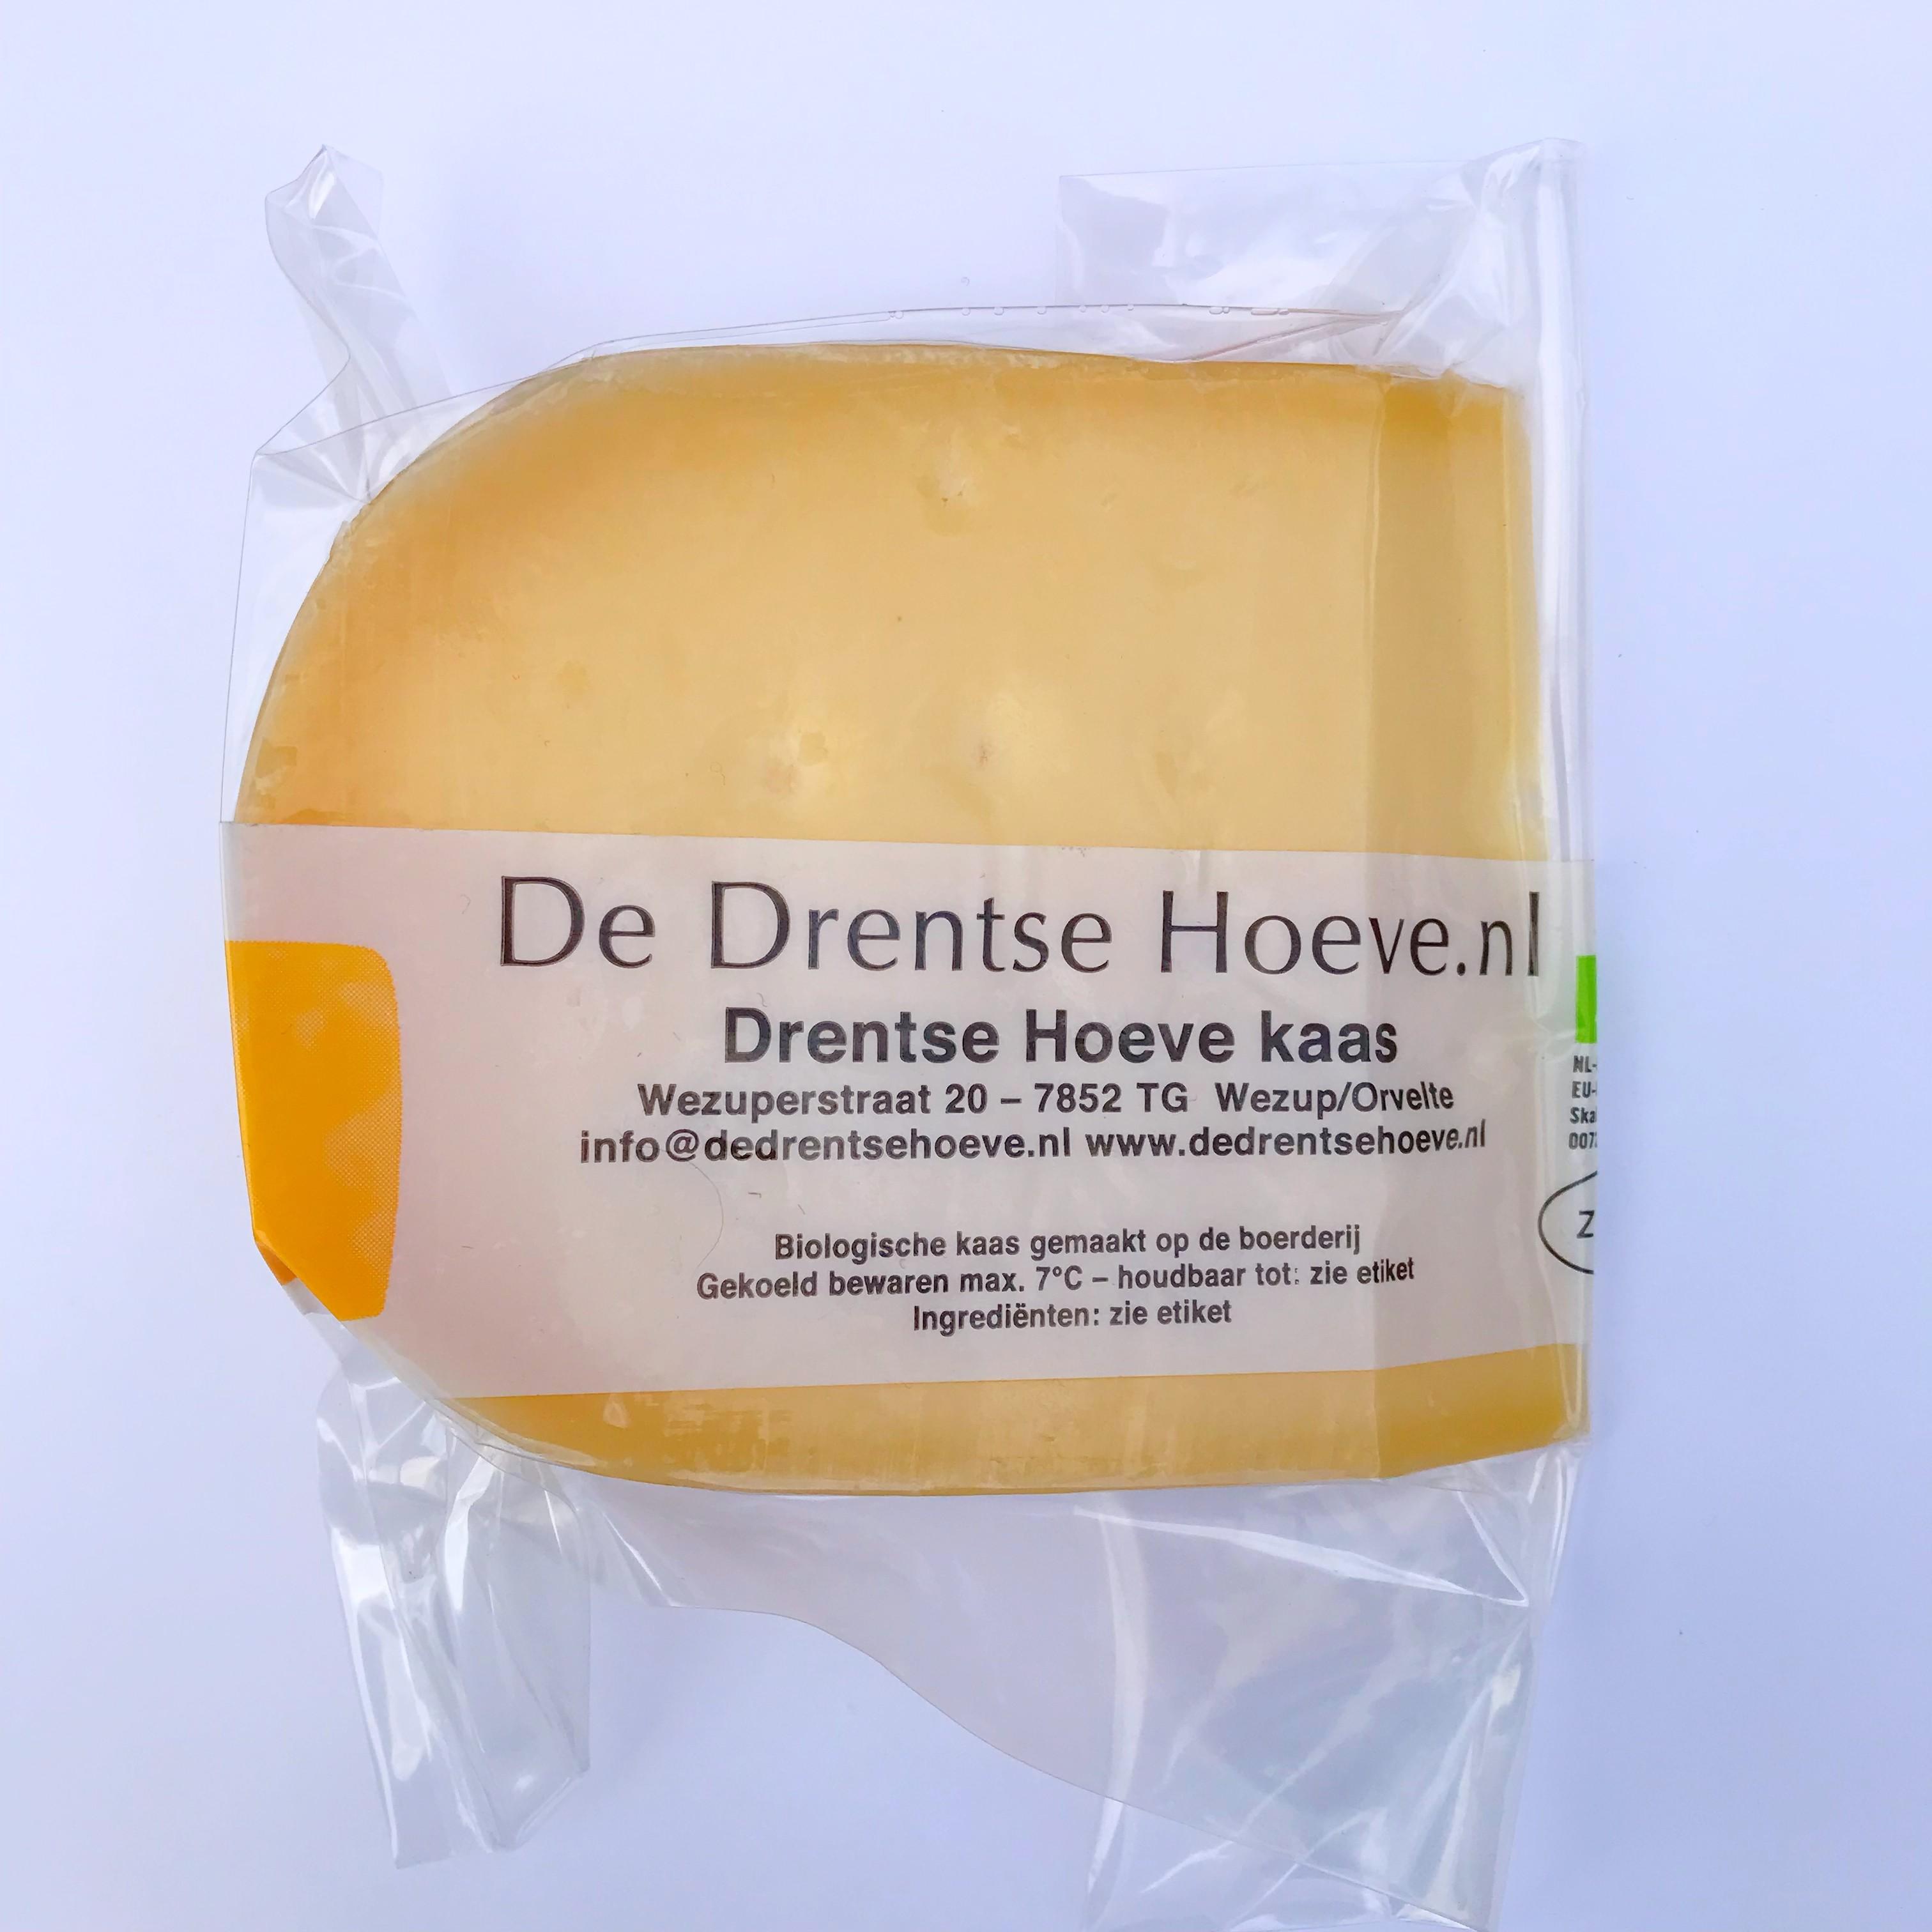 Oude kaas De Drentse Hoeve